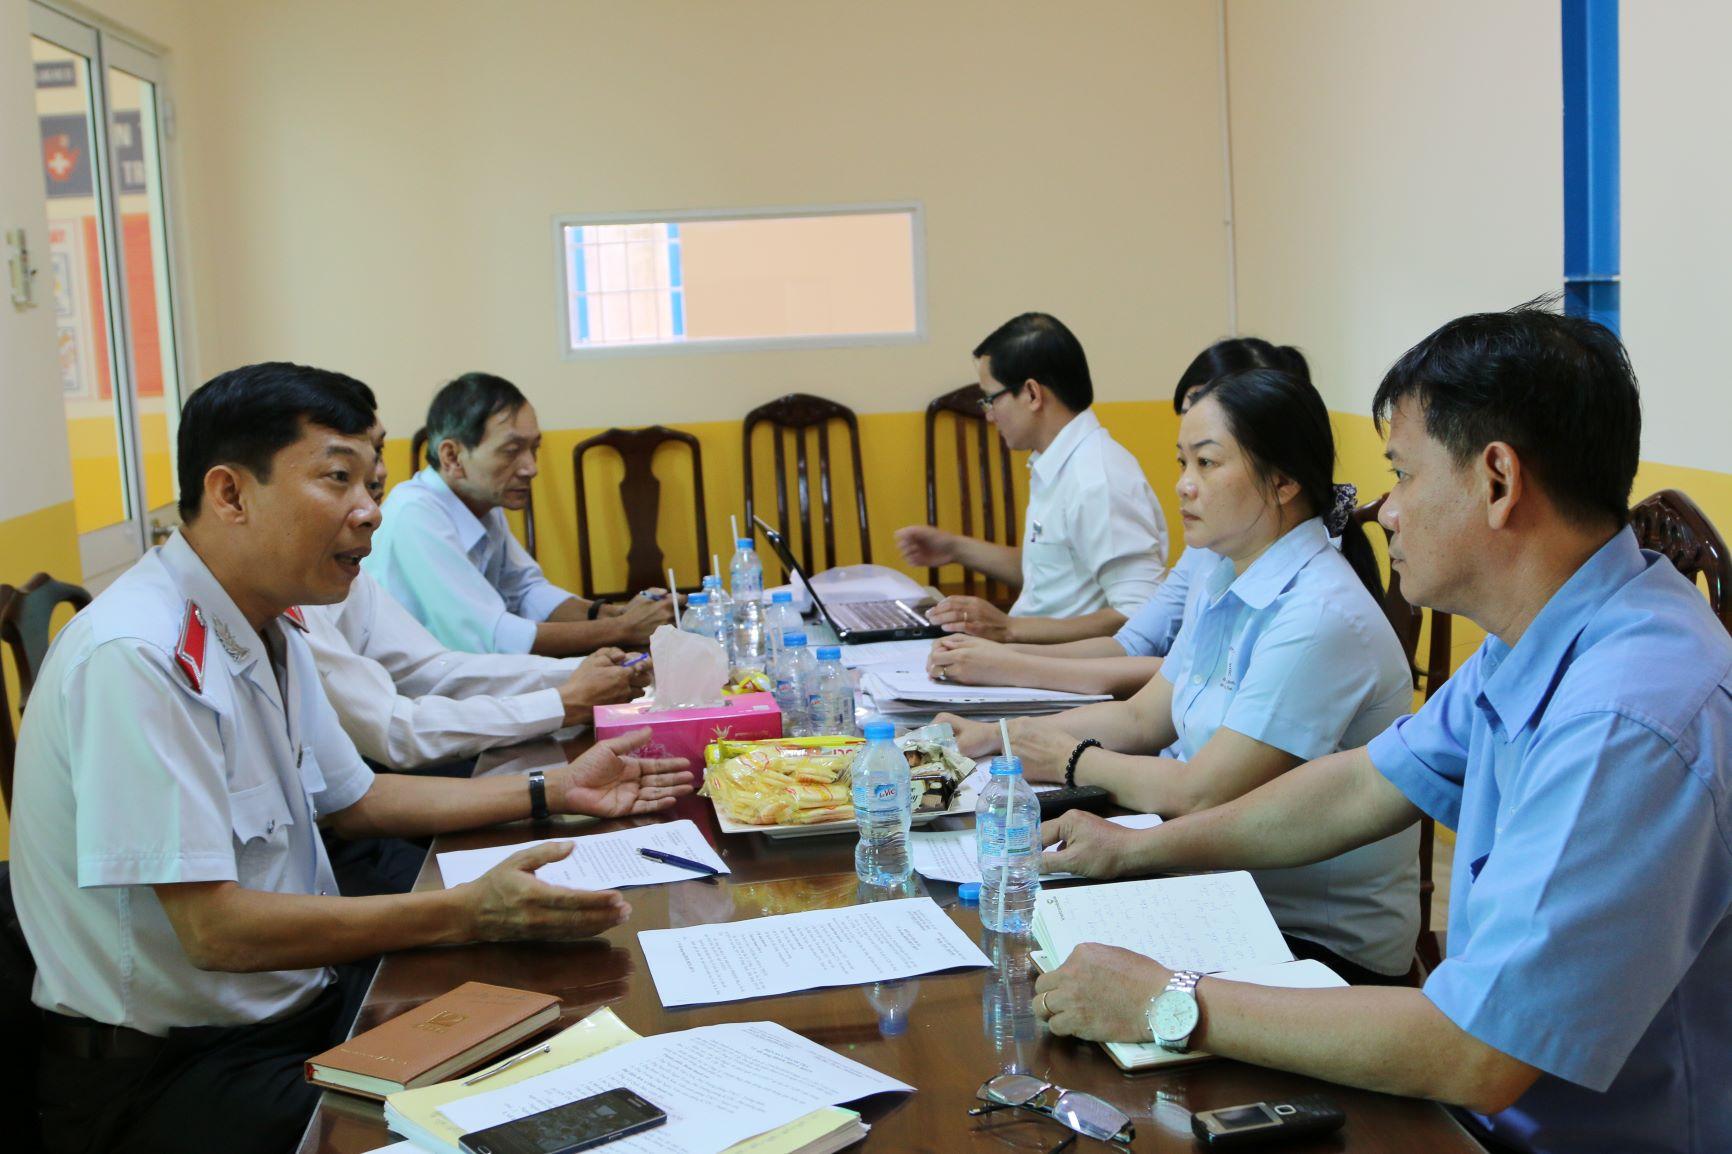 Hà Nội: Thanh tra 100 đơn vị chây ỳ, nợ đọng bảo hiểm xã hội